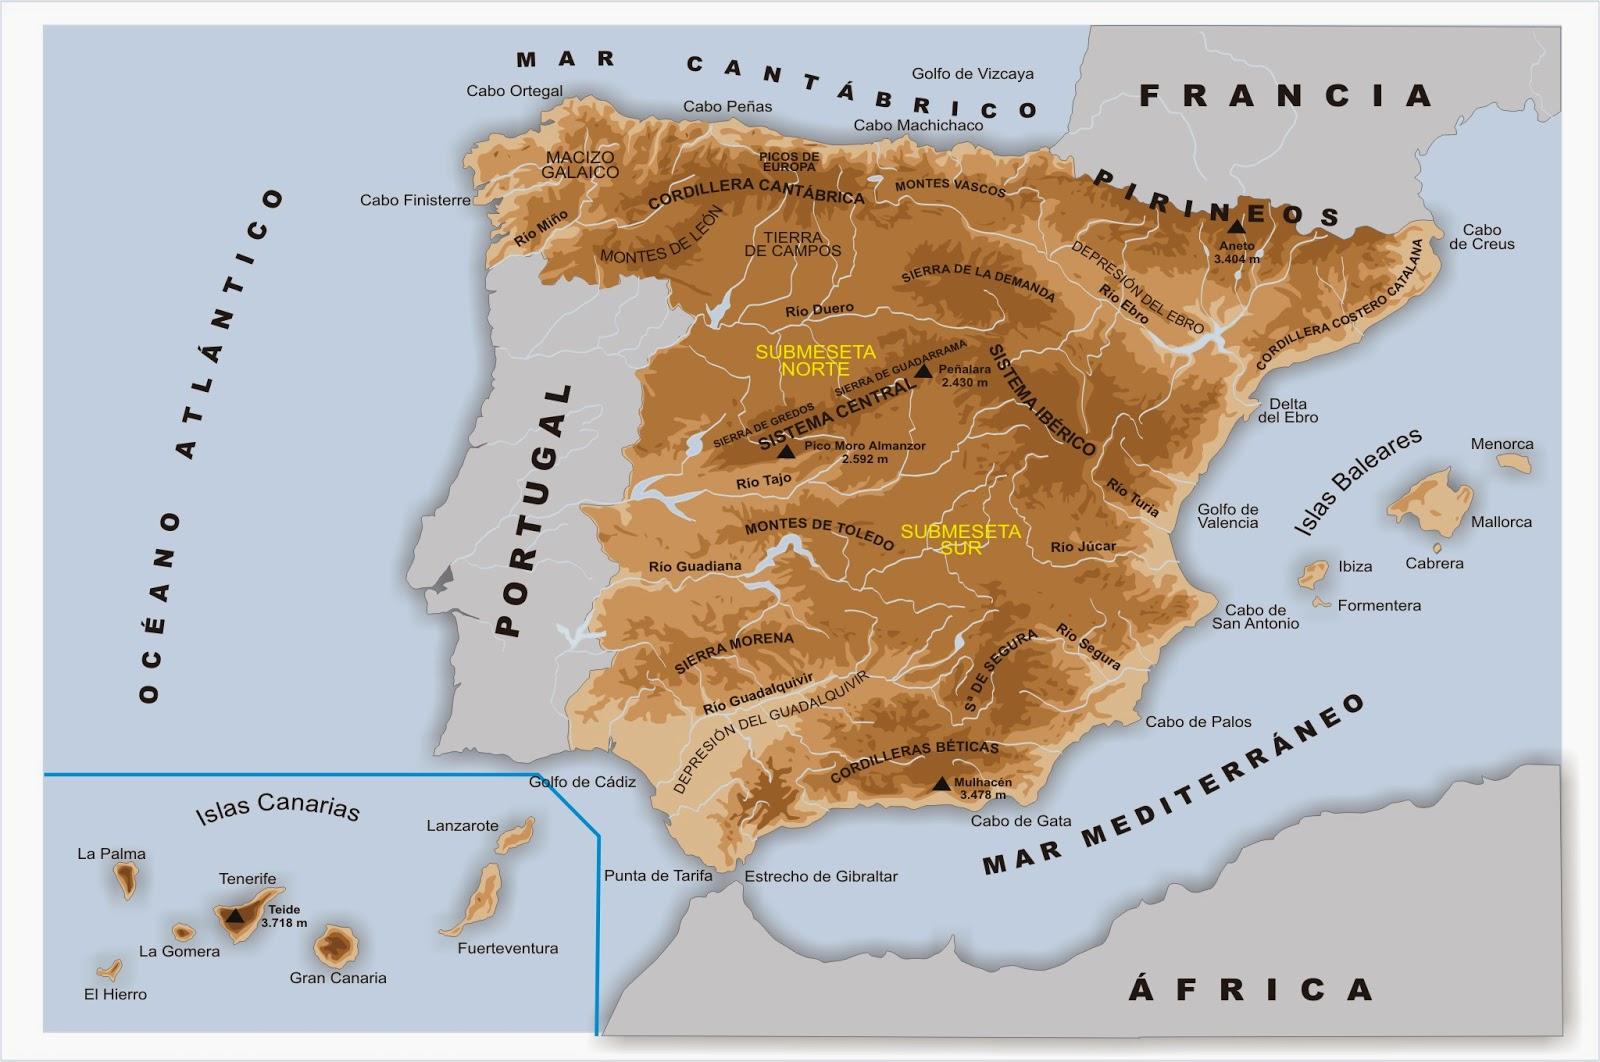 Profesor de Historia Geografa y Arte El relieve en la pennsula